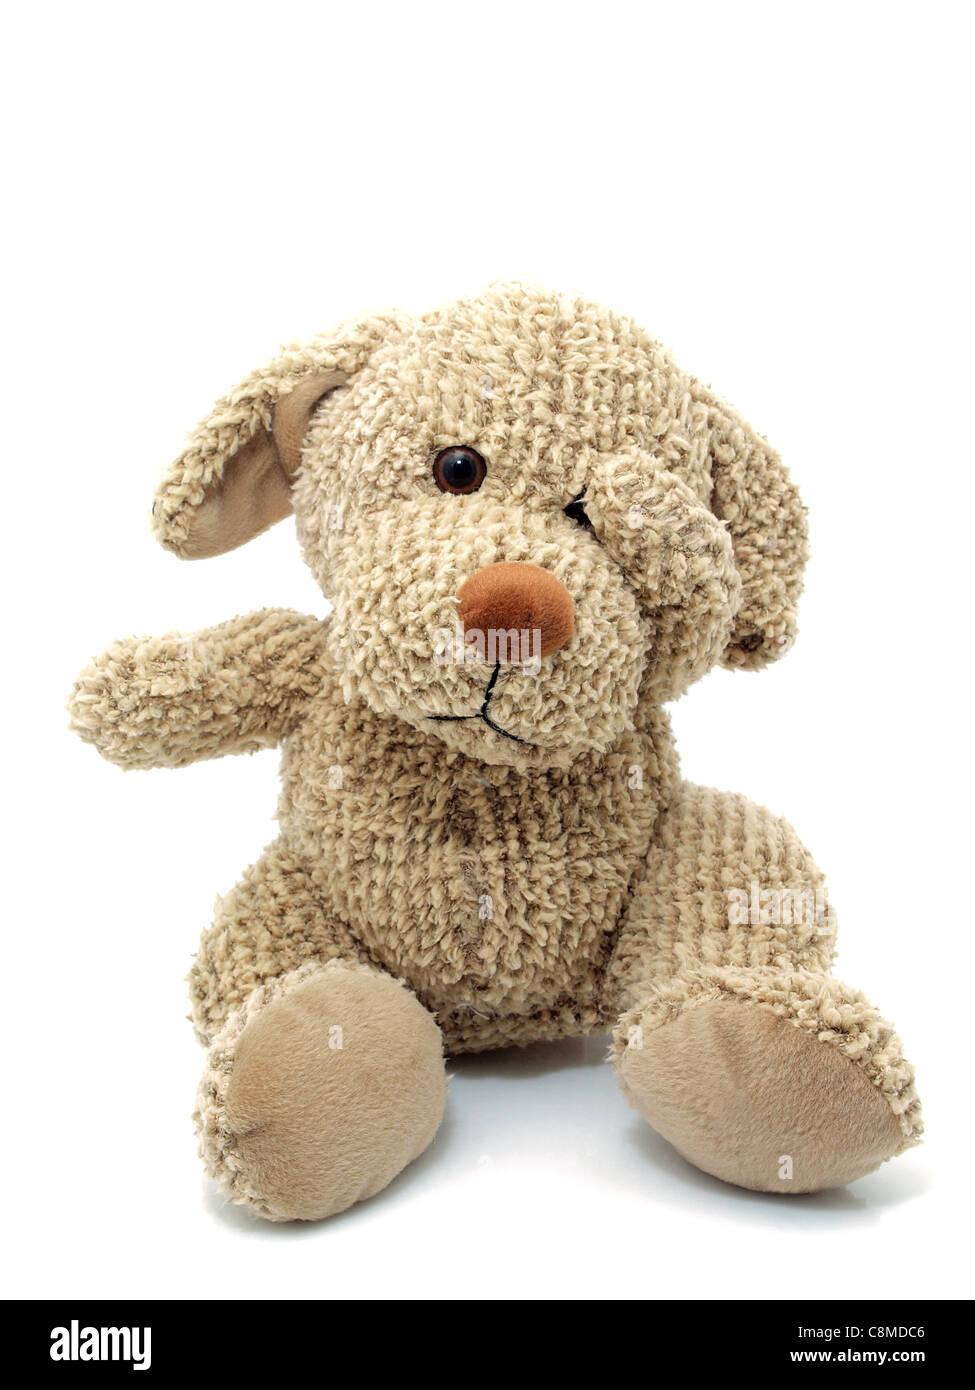 Toy dog - Stock Image